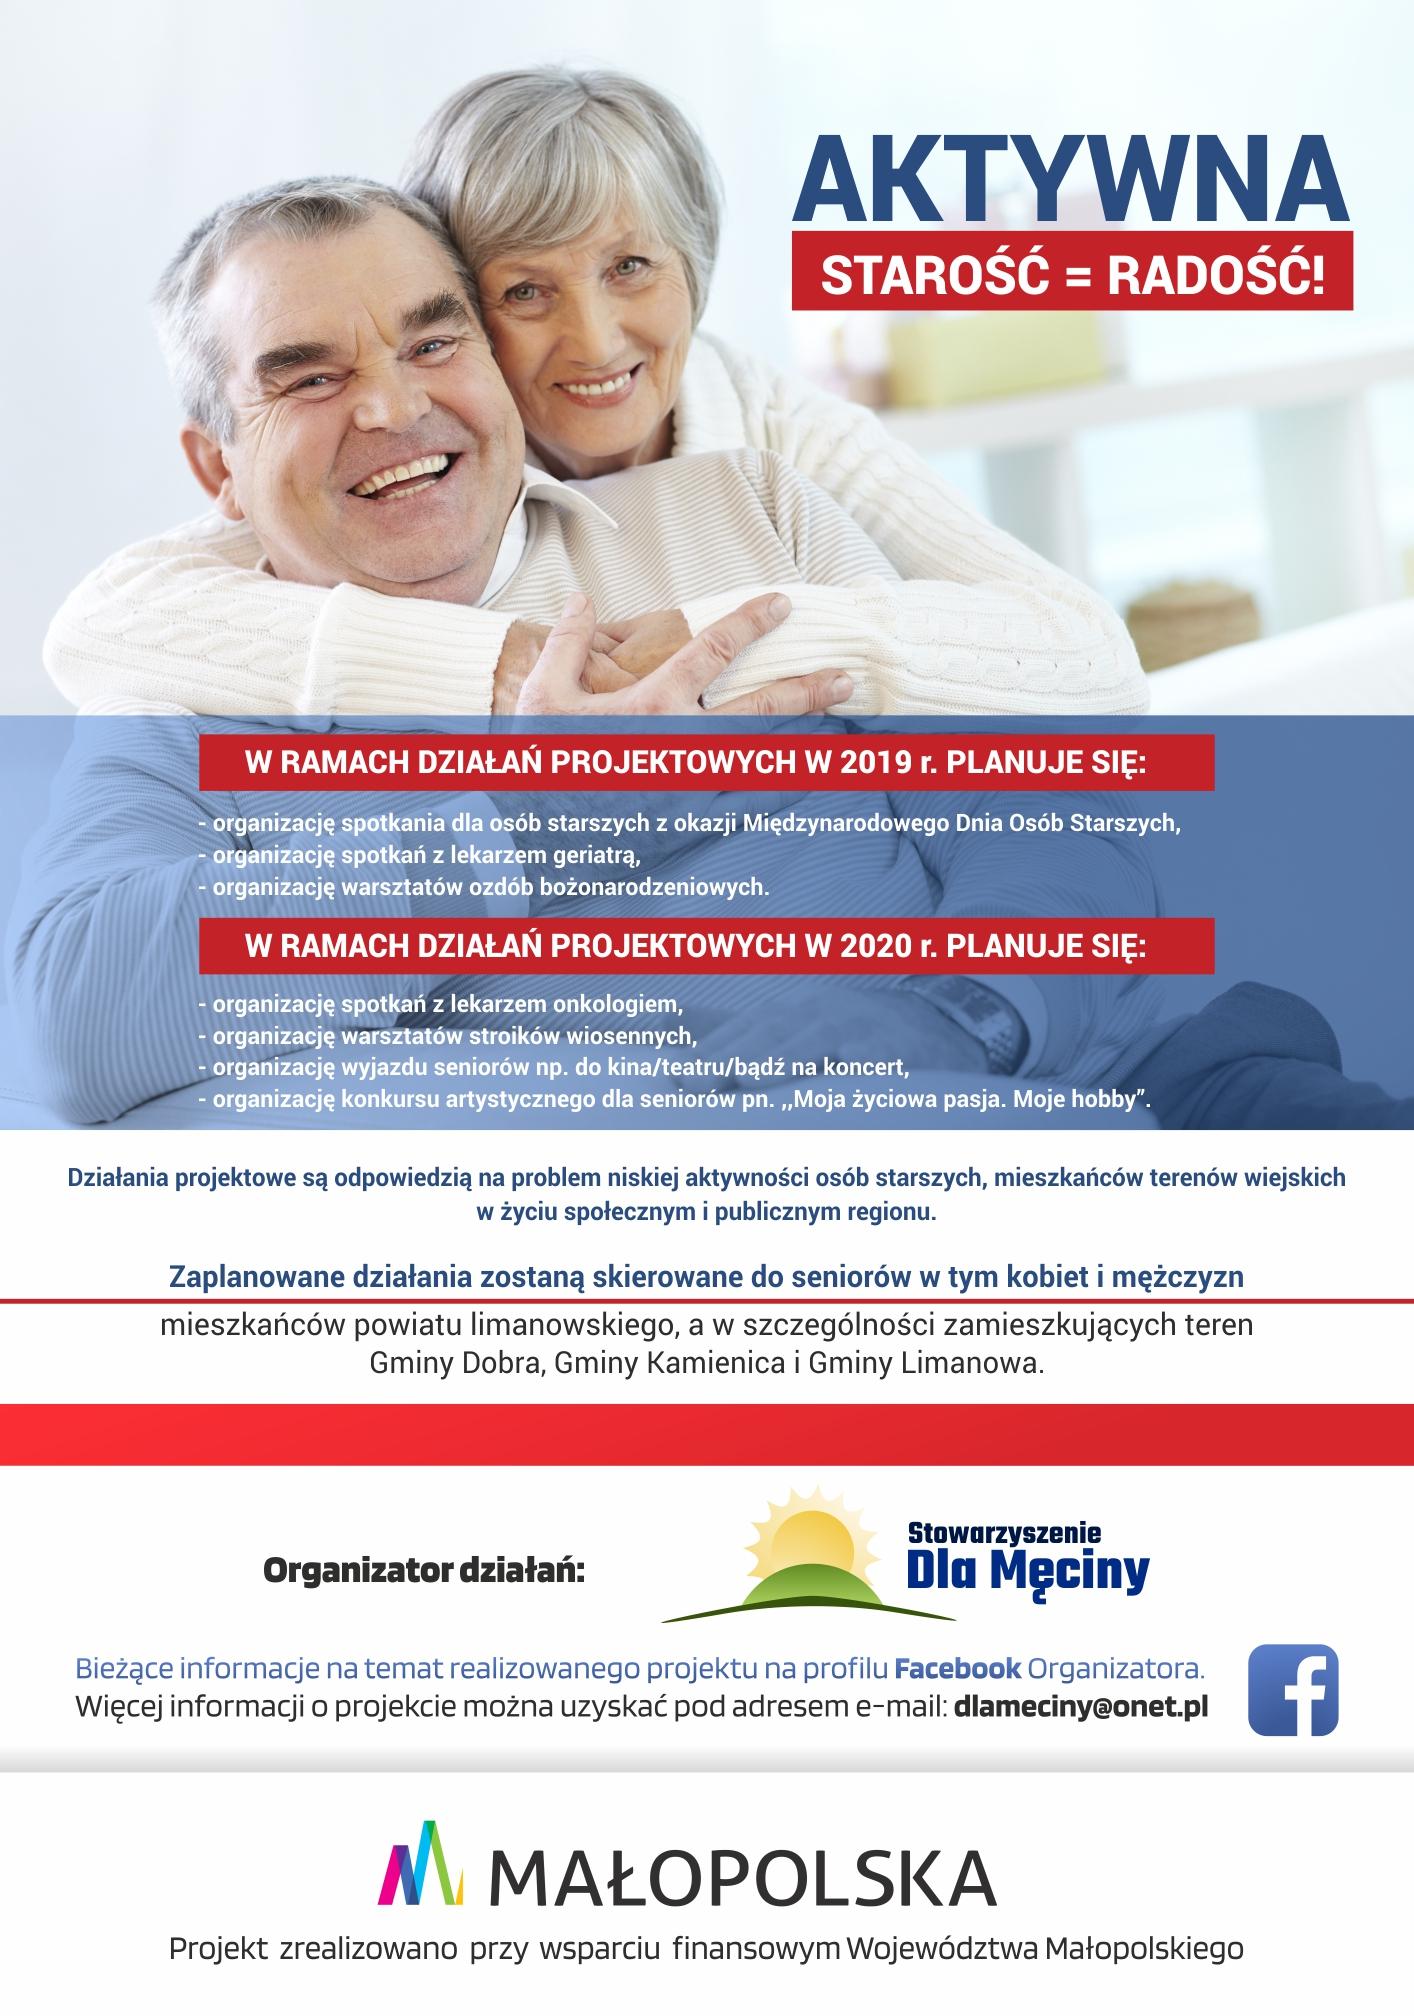 Aktywna starość = radość! - Stowarzyszenie Dla Męciny z myślą o seniorach - zdjęcie główne